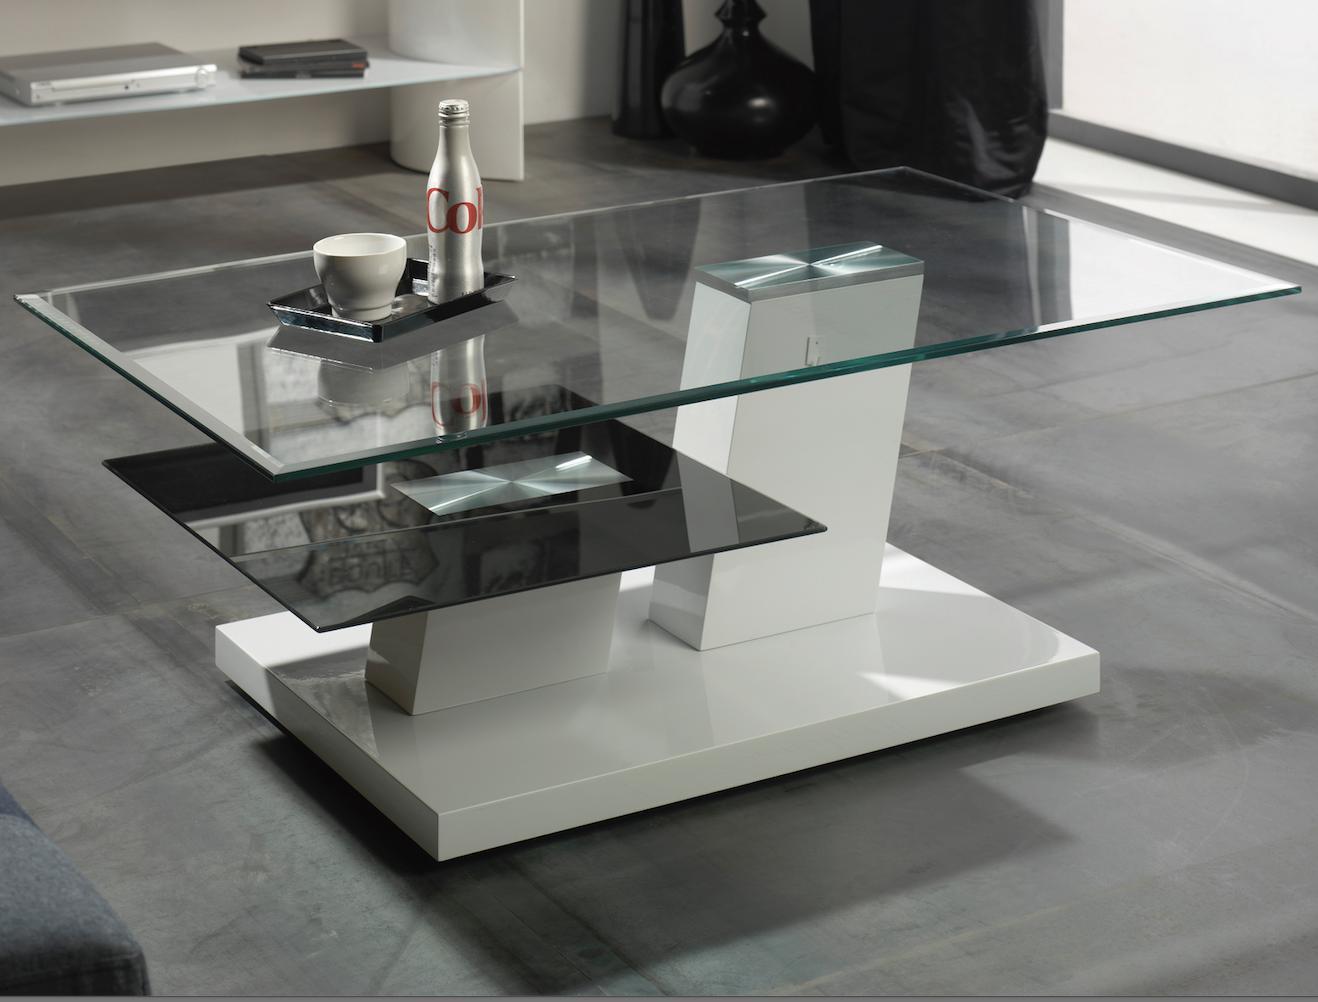 Table basse laqu e blanche et verre tremp noir mode - Table basse verre trempe ...